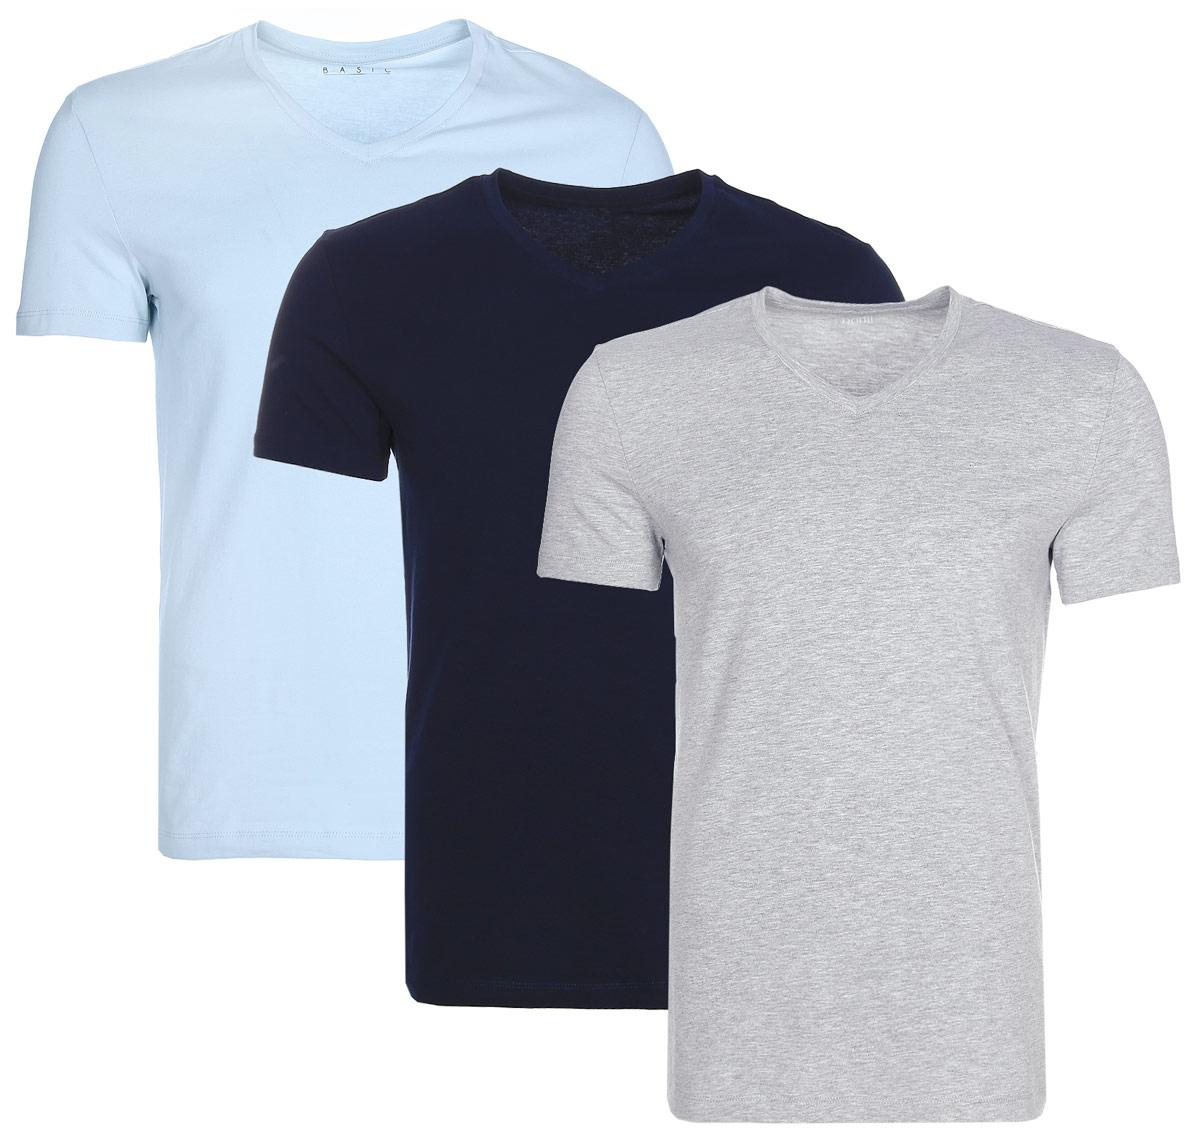 Купить Футболка мужская oodji Basic, цвет: голубой, синий, серый, 3 шт. 5B612002T3/46737N/1904N. Размер XS (44)